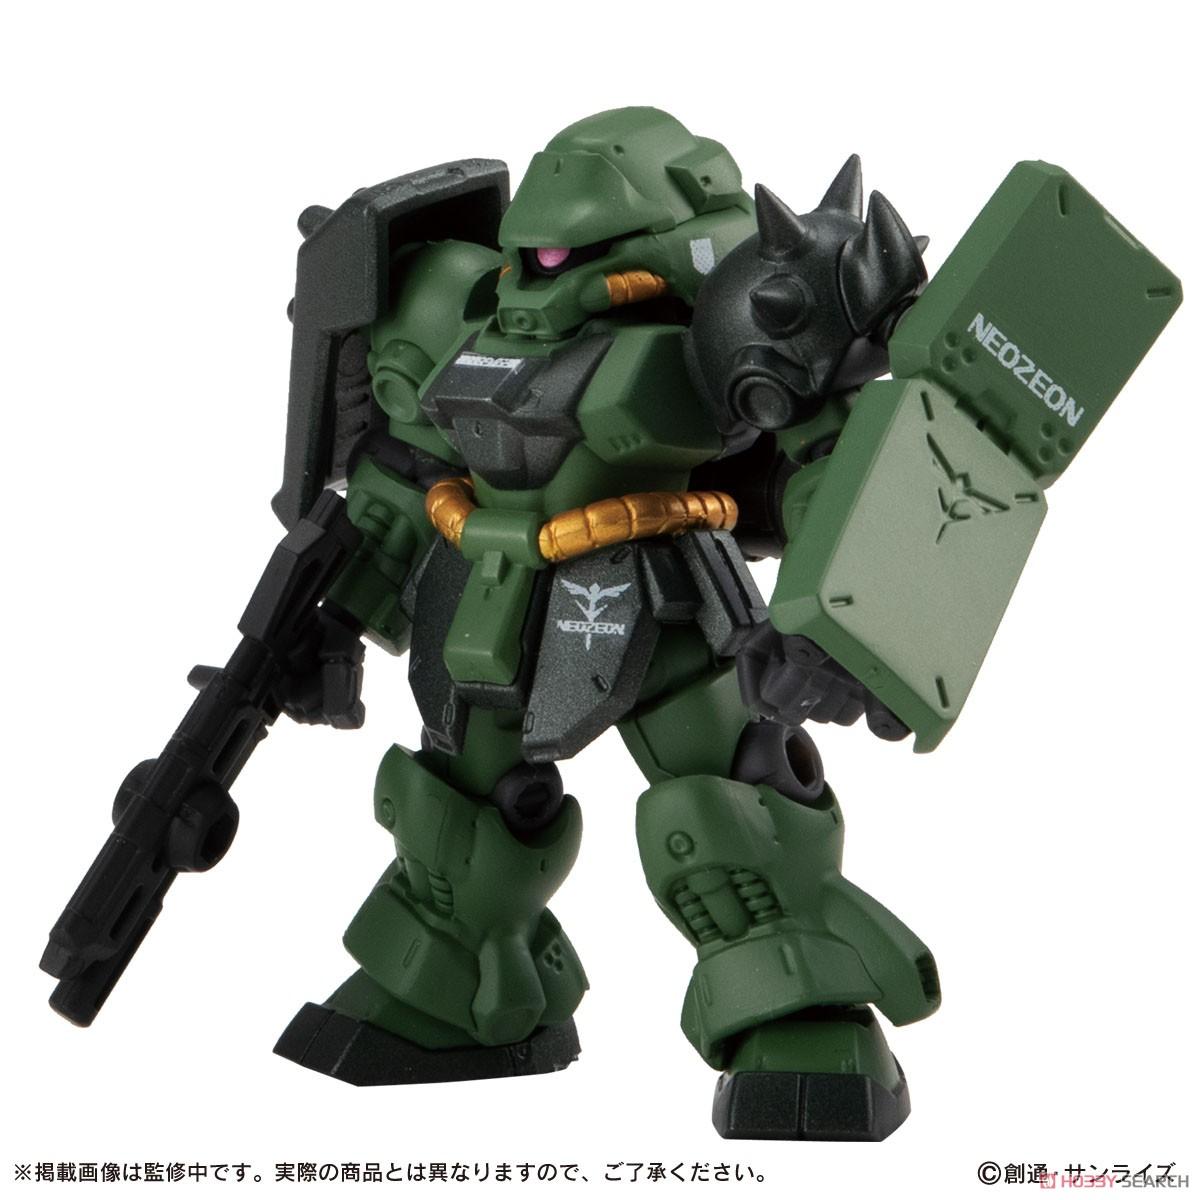 機動戦士ガンダム『MOBILE SUIT ENSEMBLE7.5』デフォルメ可動フィギュア 10個入りBOX-003